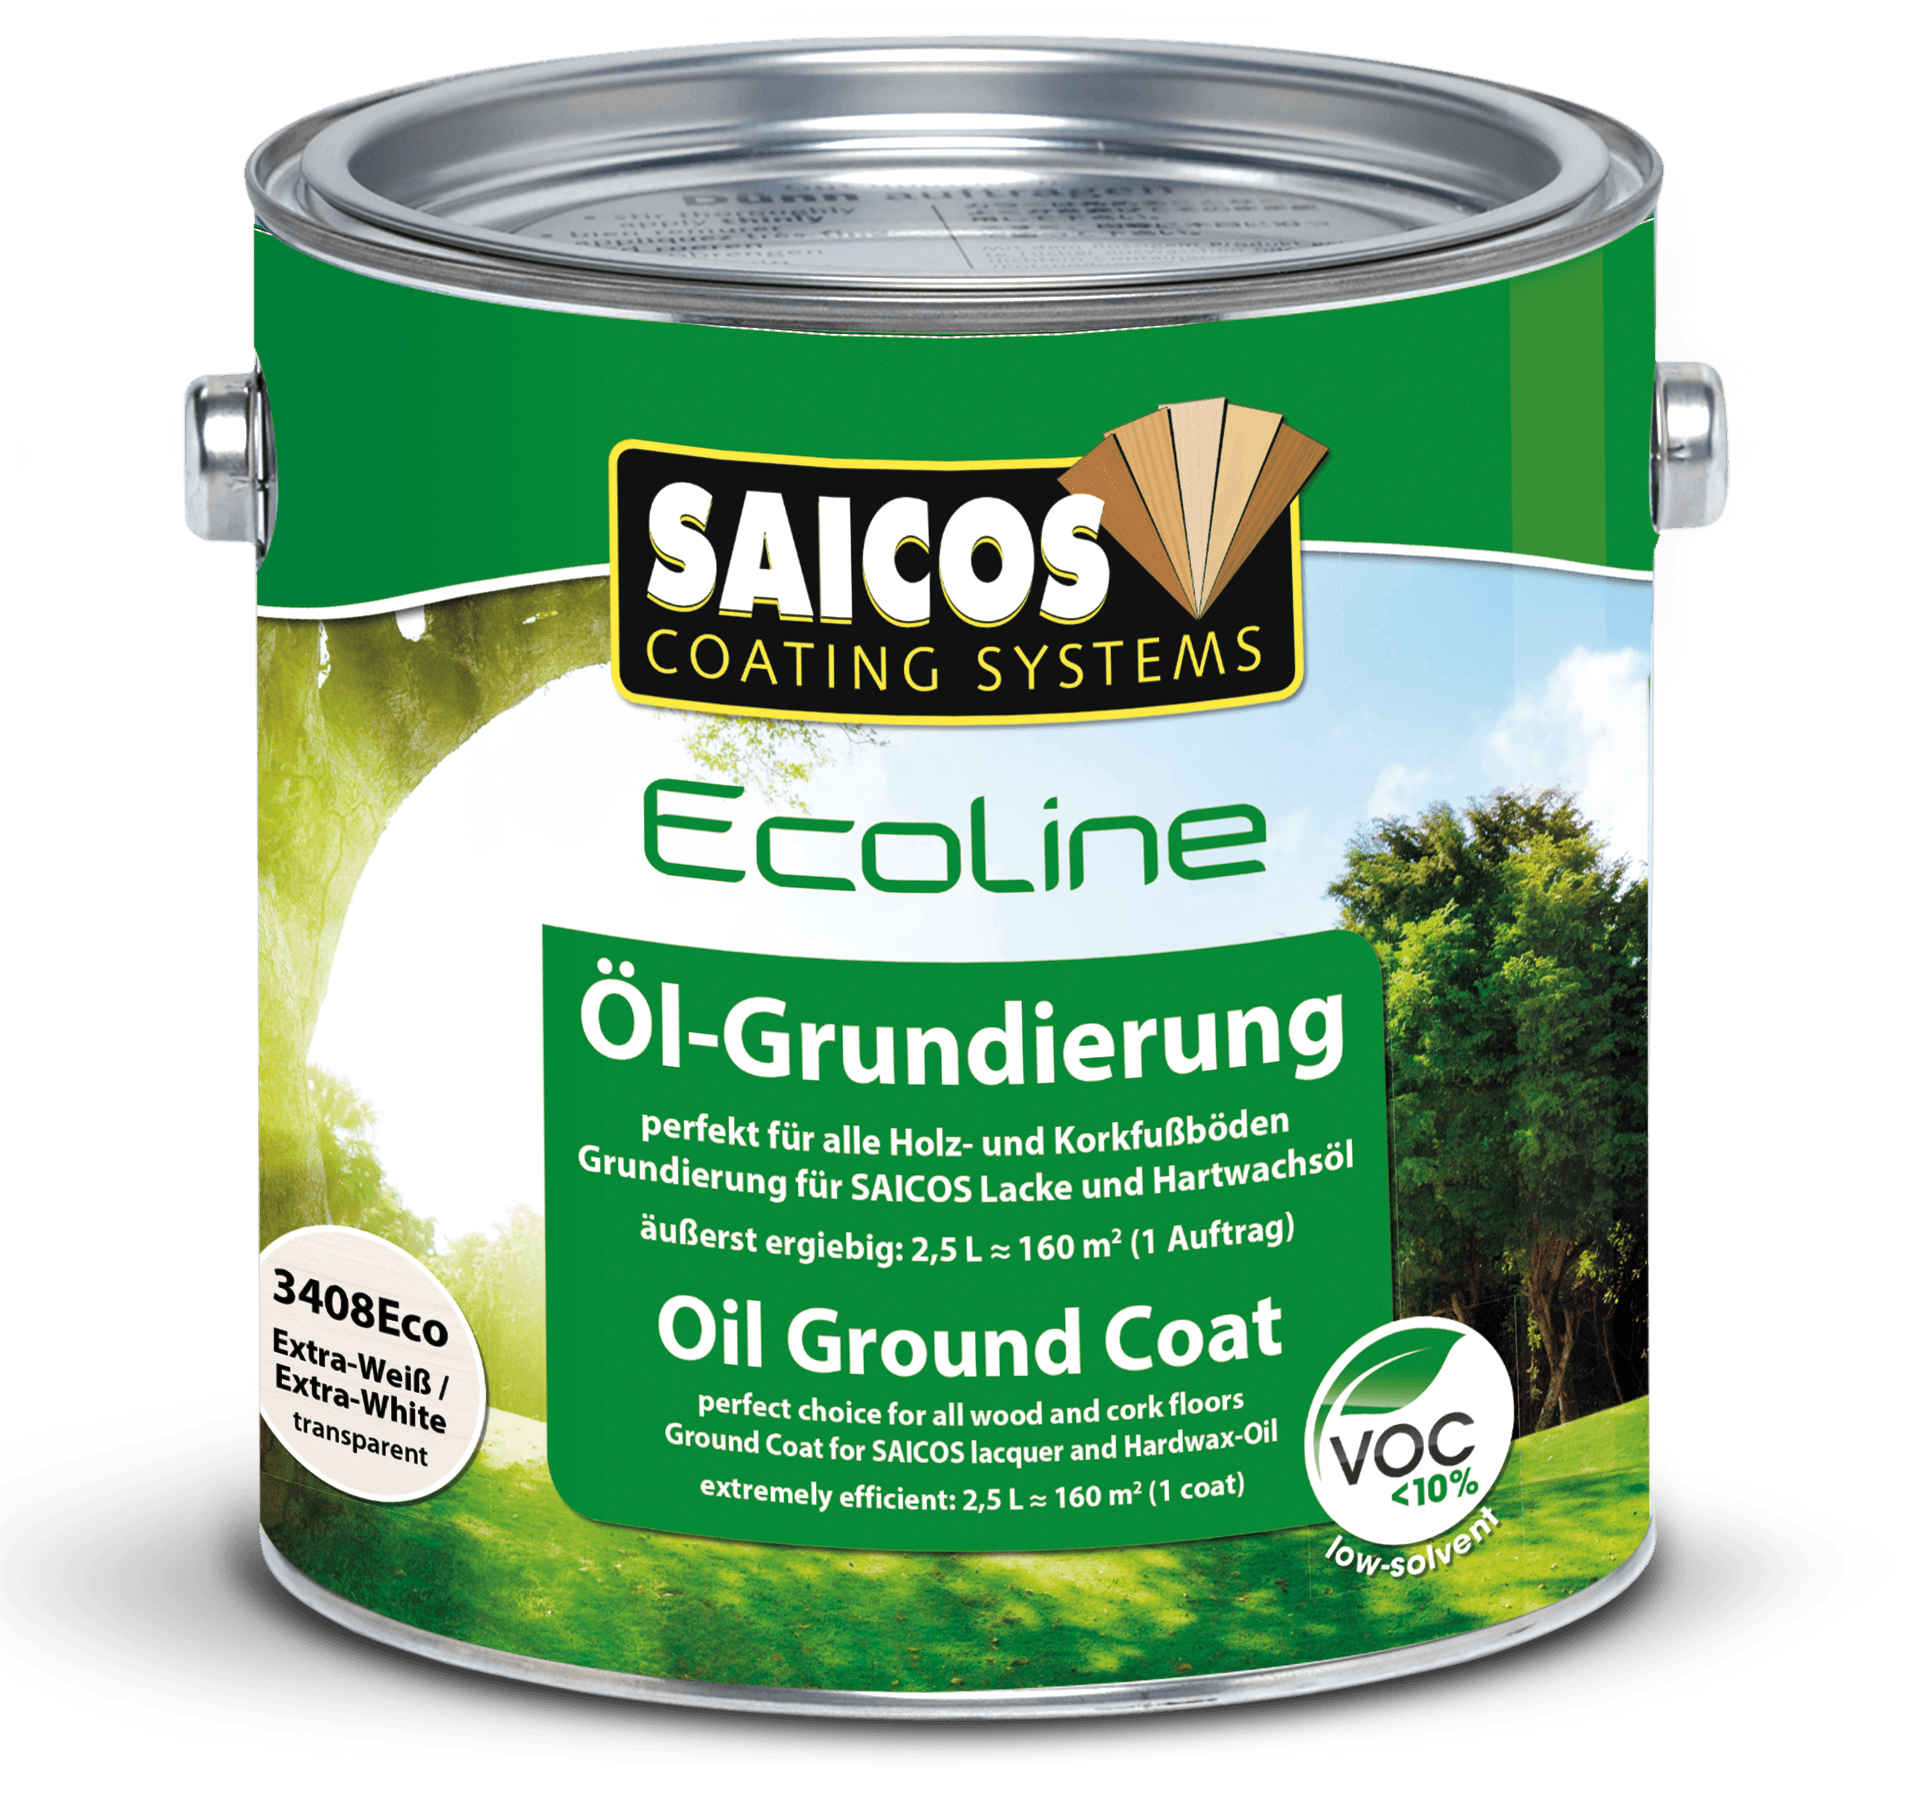 3408Eco Öl-Grundierung 2,5 D GB_05-2020